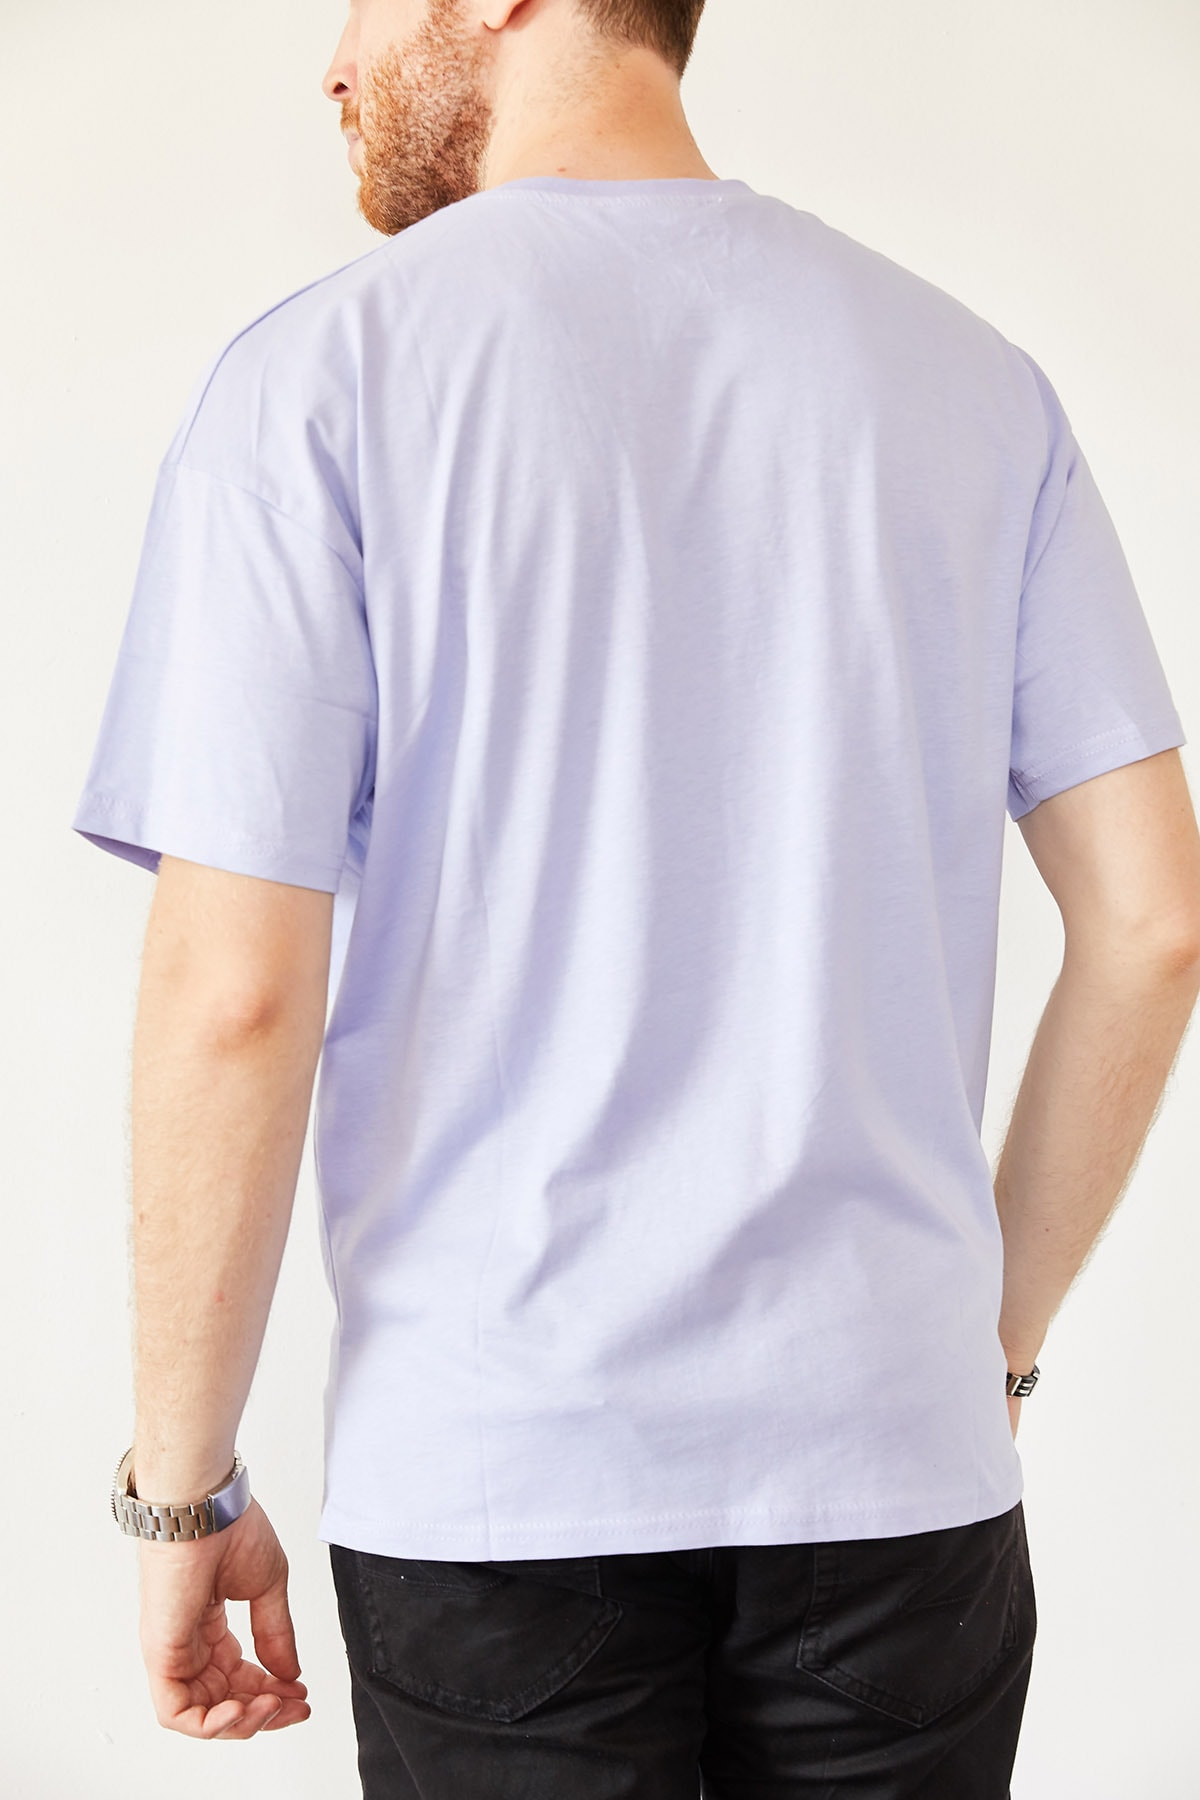 XHAN Erkek Mavi Baskılı Salaş T-shirt 0yxe1-44016-12 2